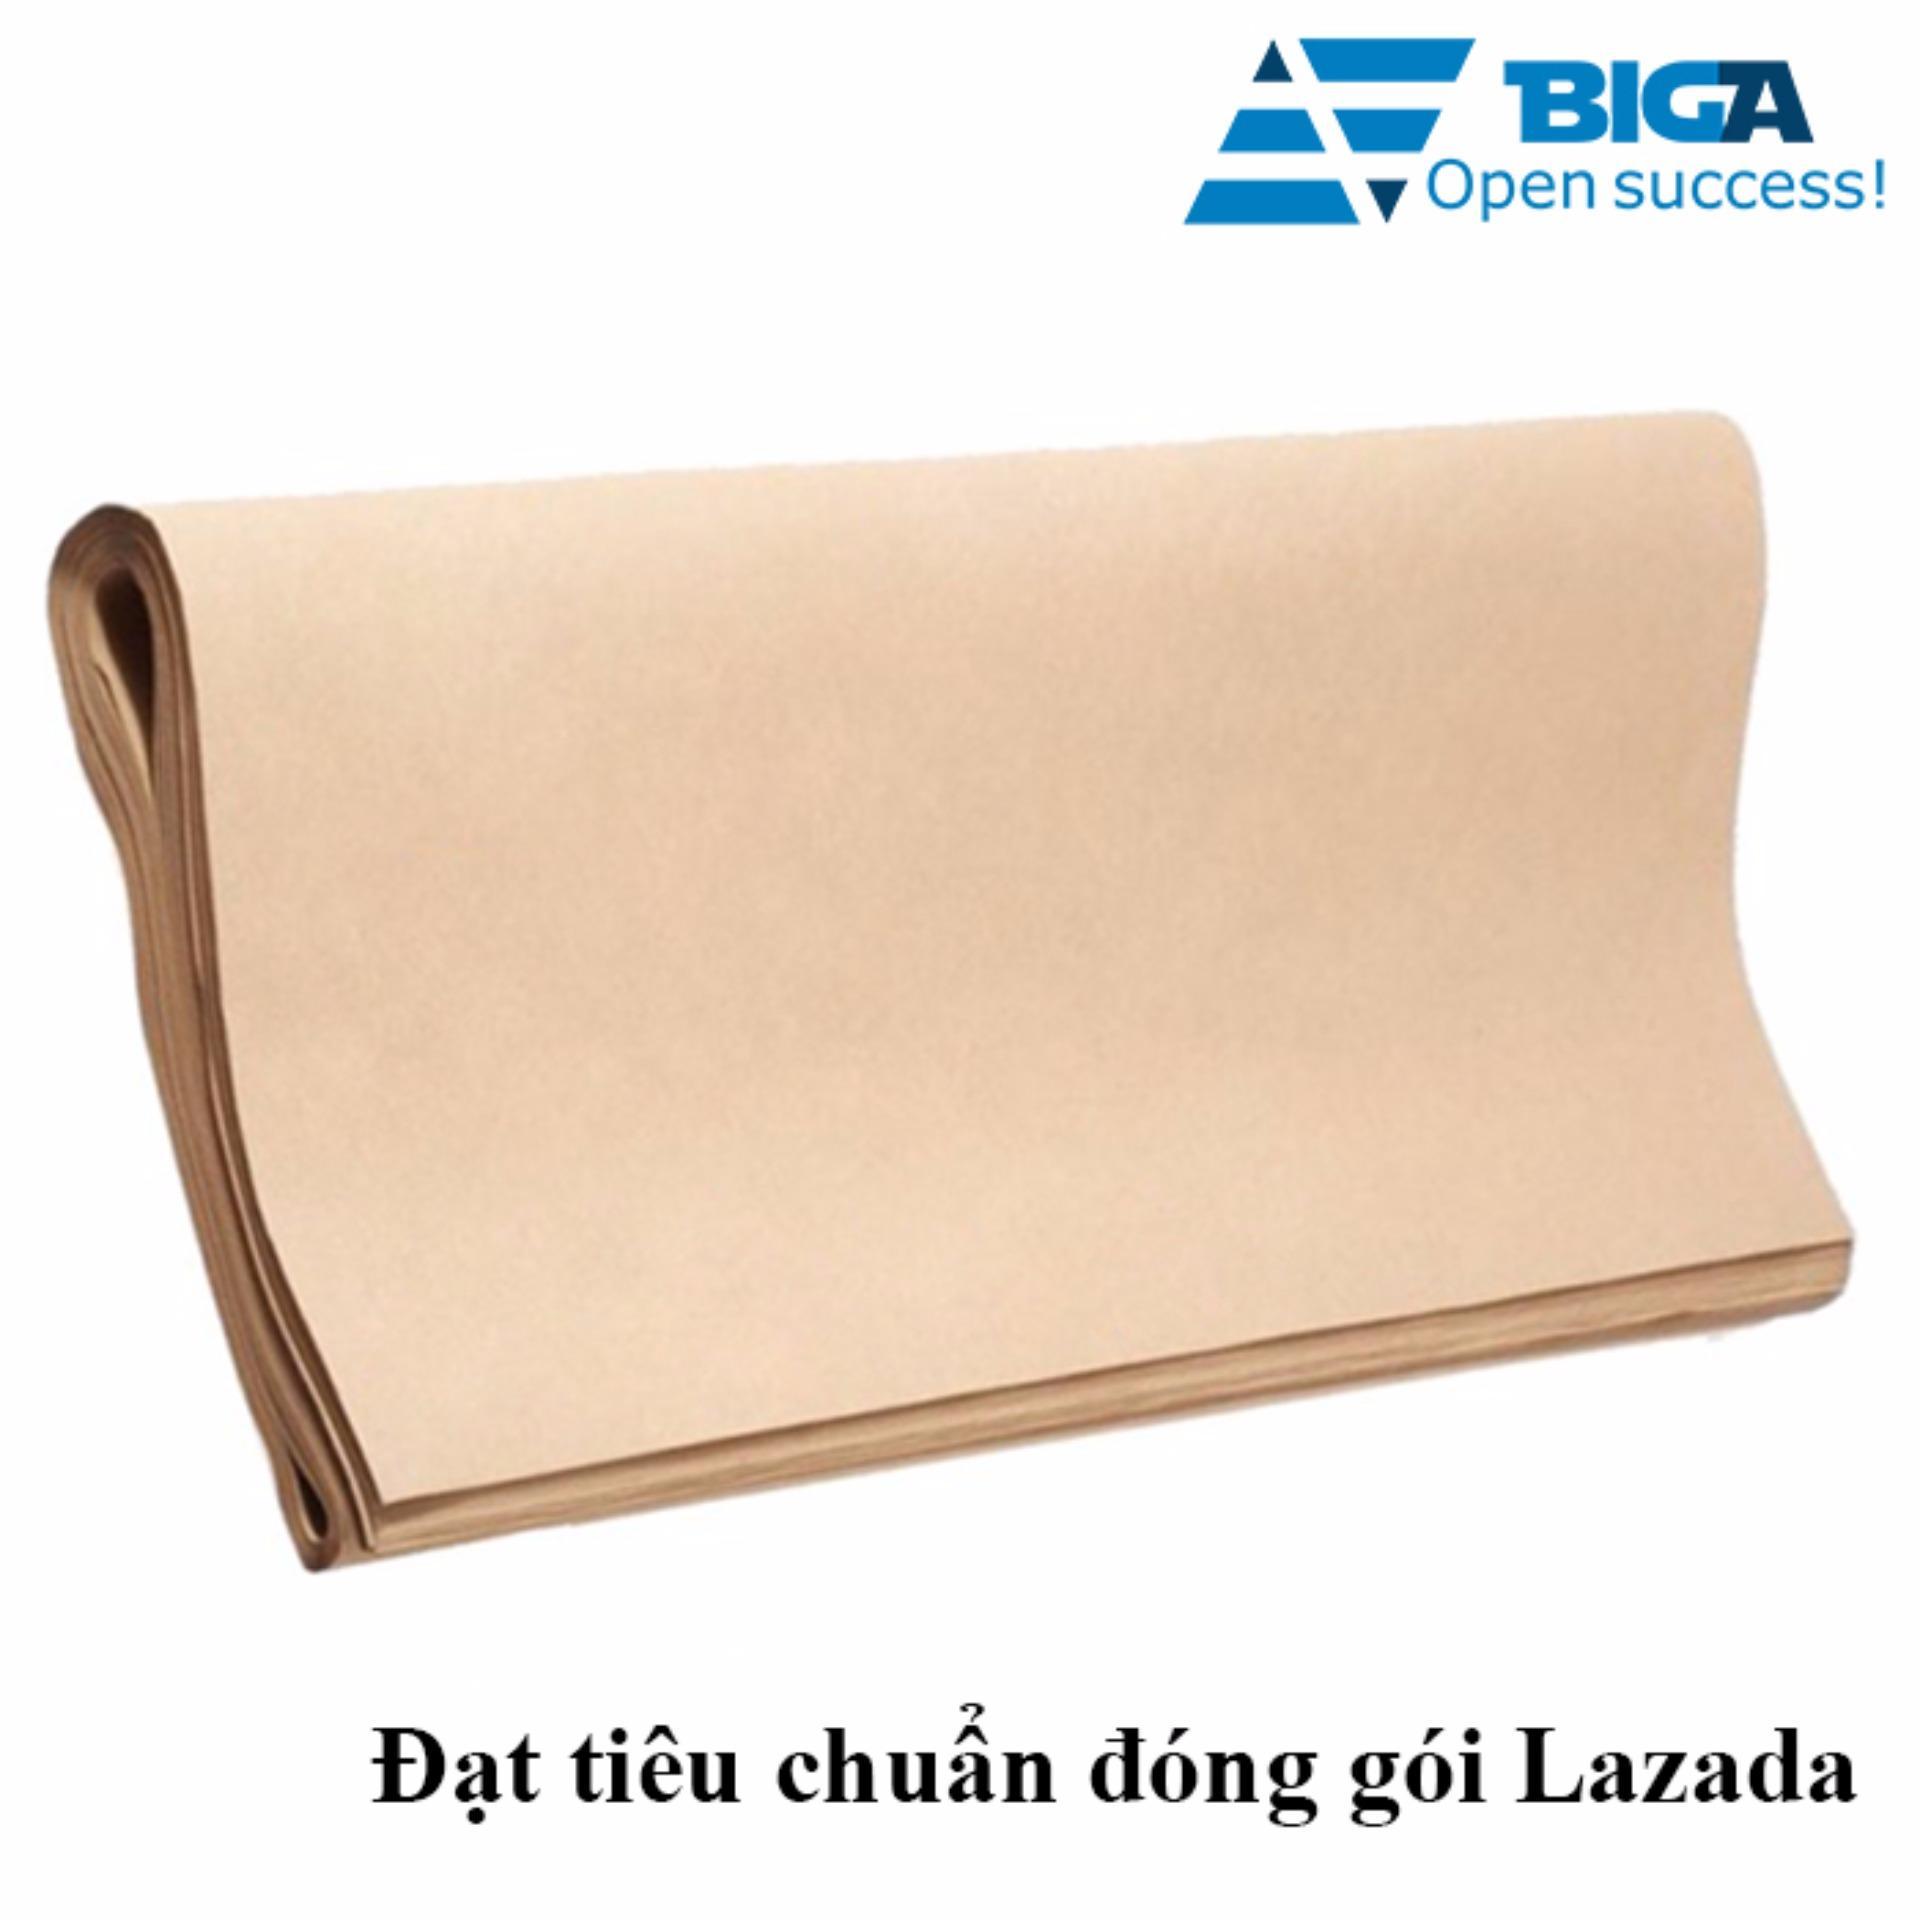 Combo 10 tờ giấy xi măng Đóng Gói Hàng Chuyên Dụng Five Star Quality US04623 - Lazada